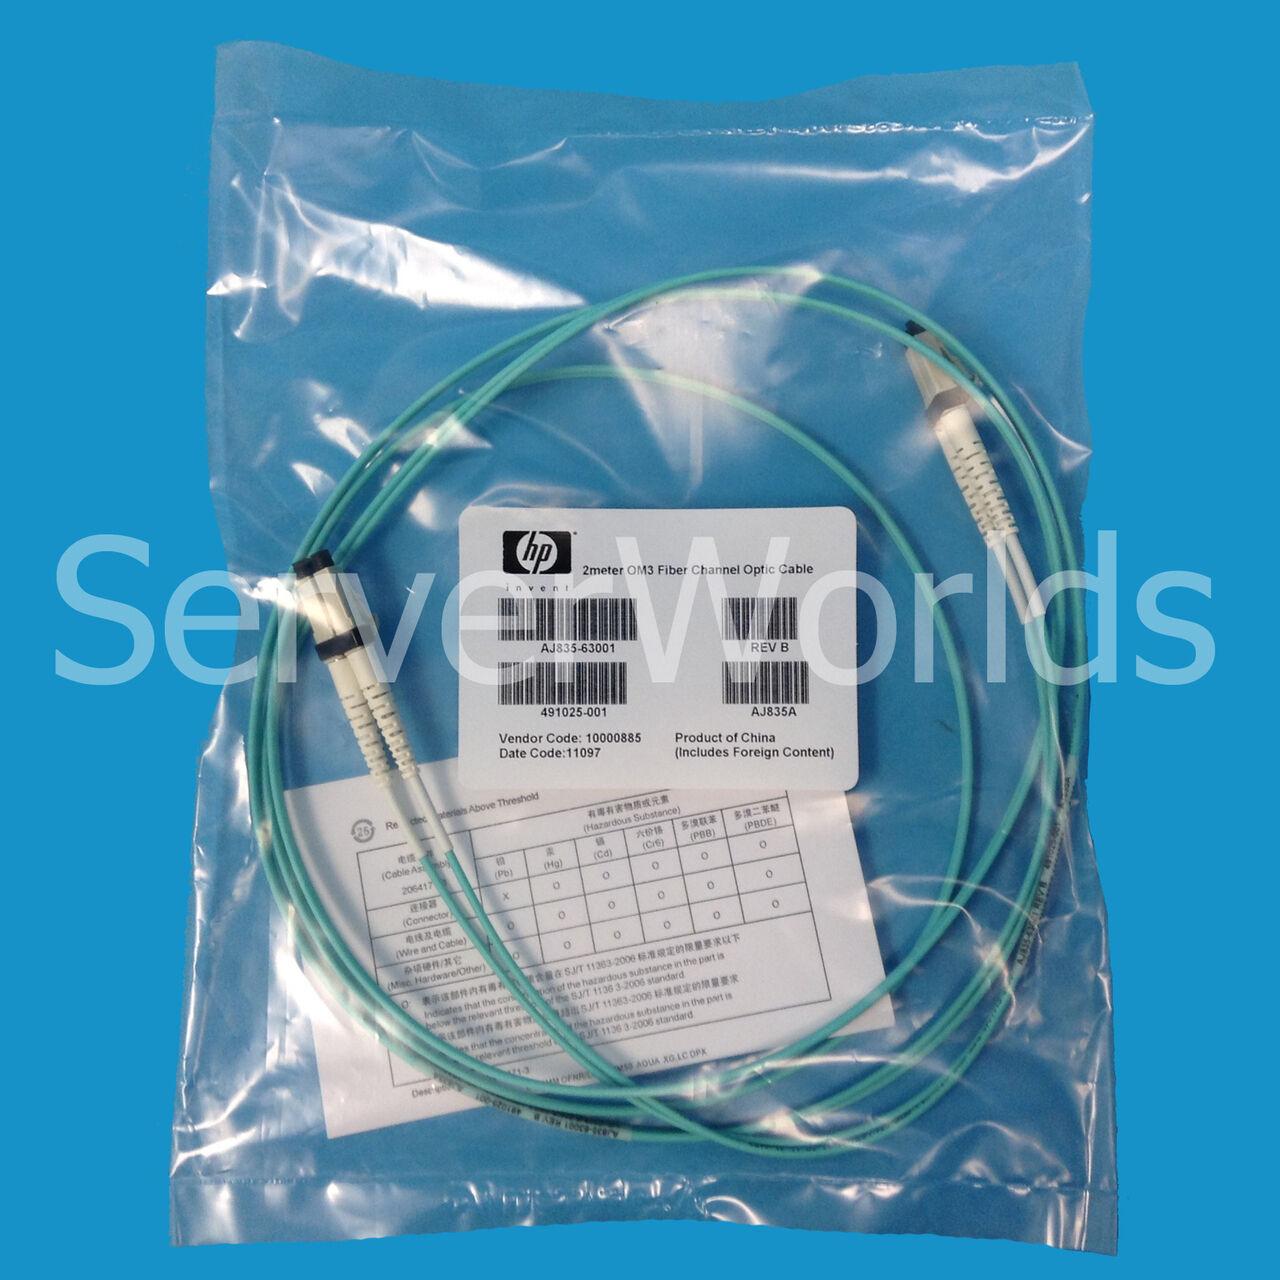 HP 491025-001 Lc-lc 2m FC Cable - Aj835a Aj835-63001 | eBay